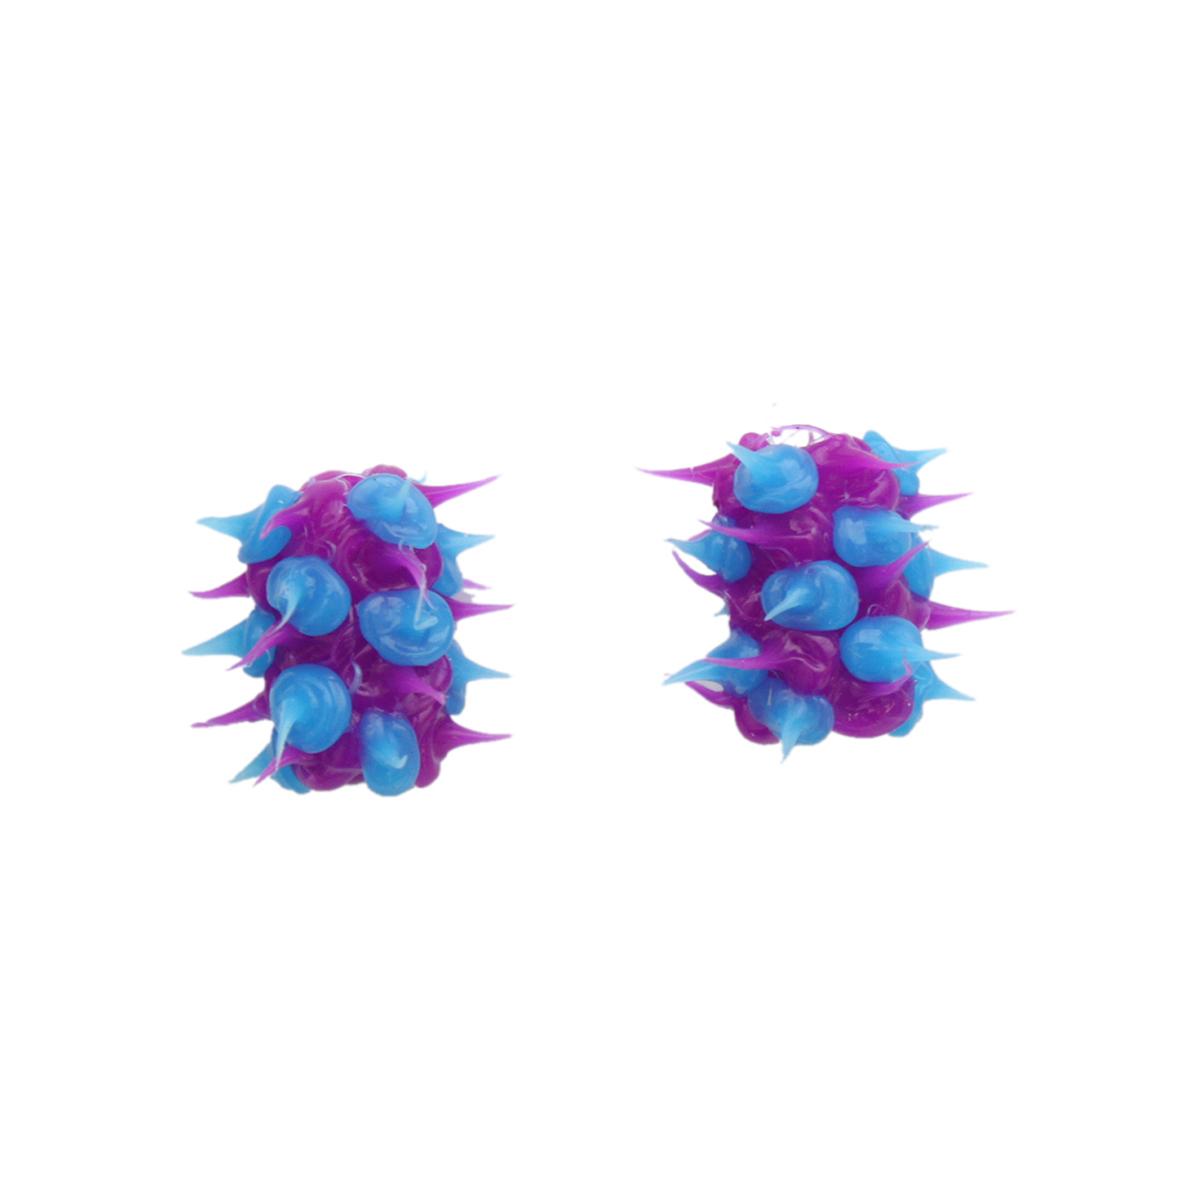 RUB0006 Бусины резиновые с шипами, микс, 8*15 мм, упак./2 шт., 'Астра'